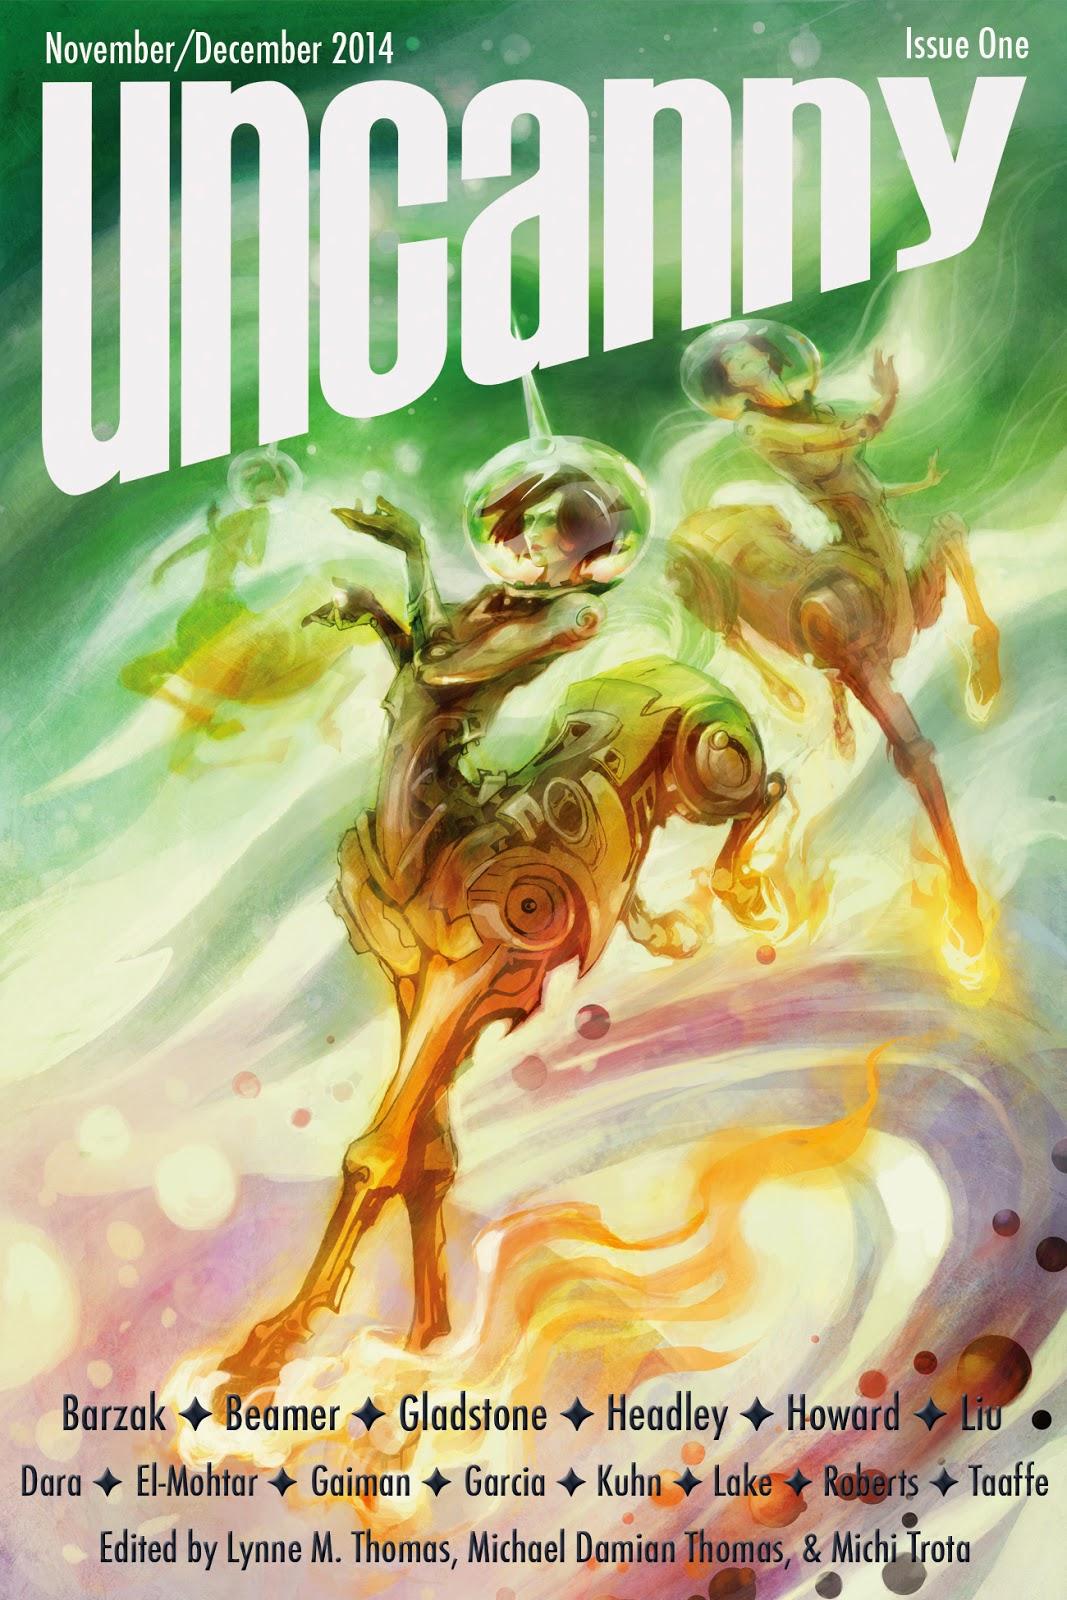 Uncanny Magazine Issue One (November/December 2014) by Michael Damian Thomas, Lynne M. Thomas, Michi Trota